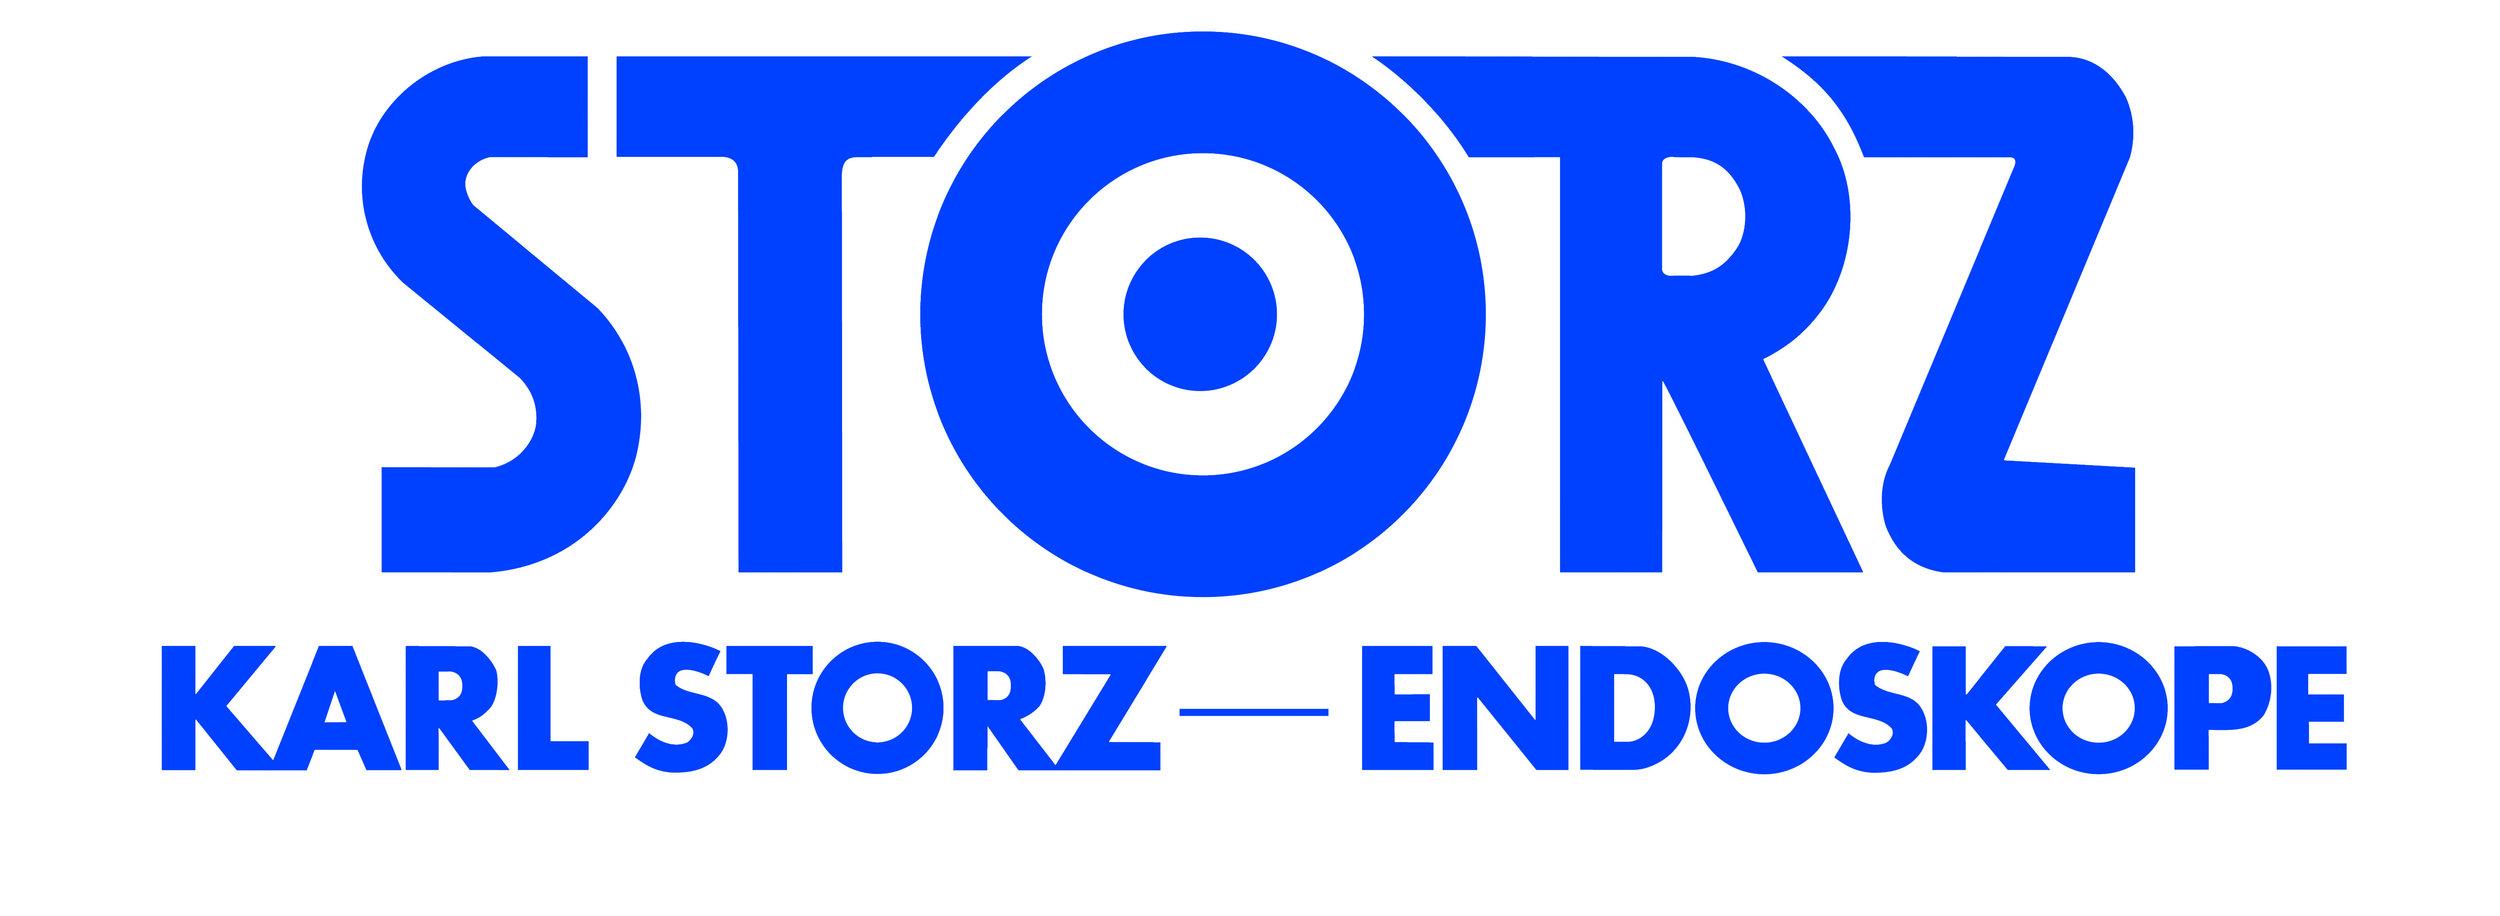 KARLSTORZ logo.jpg